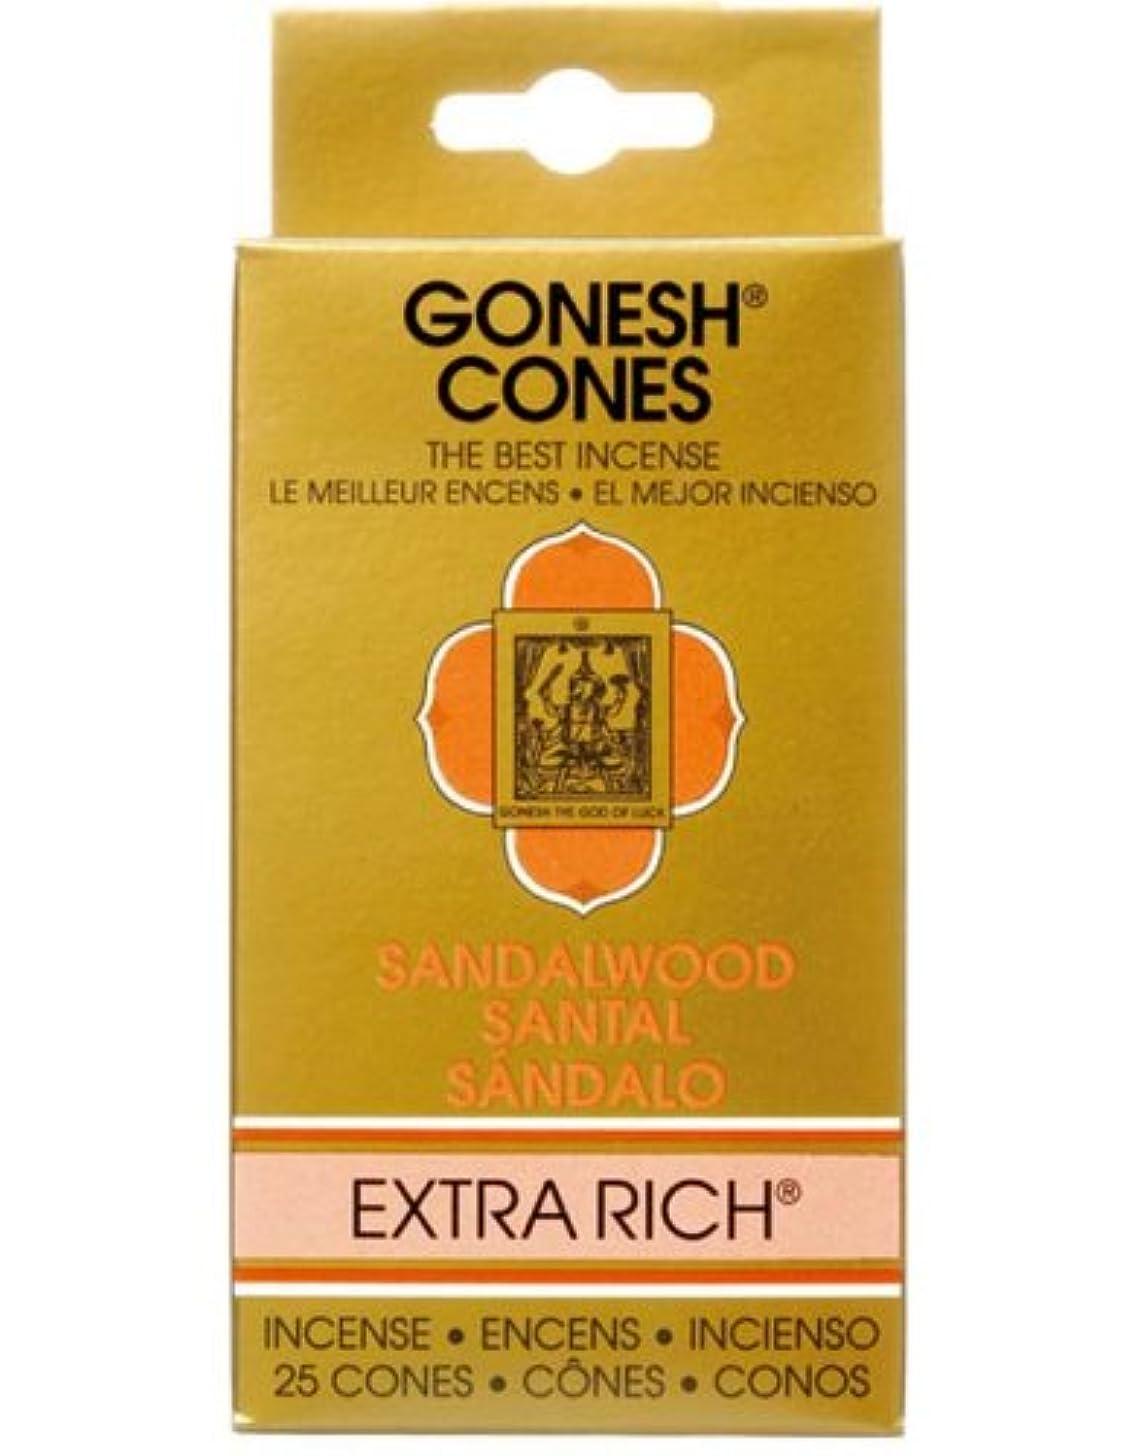 成熟黒人ペインティングガーネッシュ(GONESH) エクストラリッチ インセンス コーン サンダルウッド(白檀) 25個入(お香)